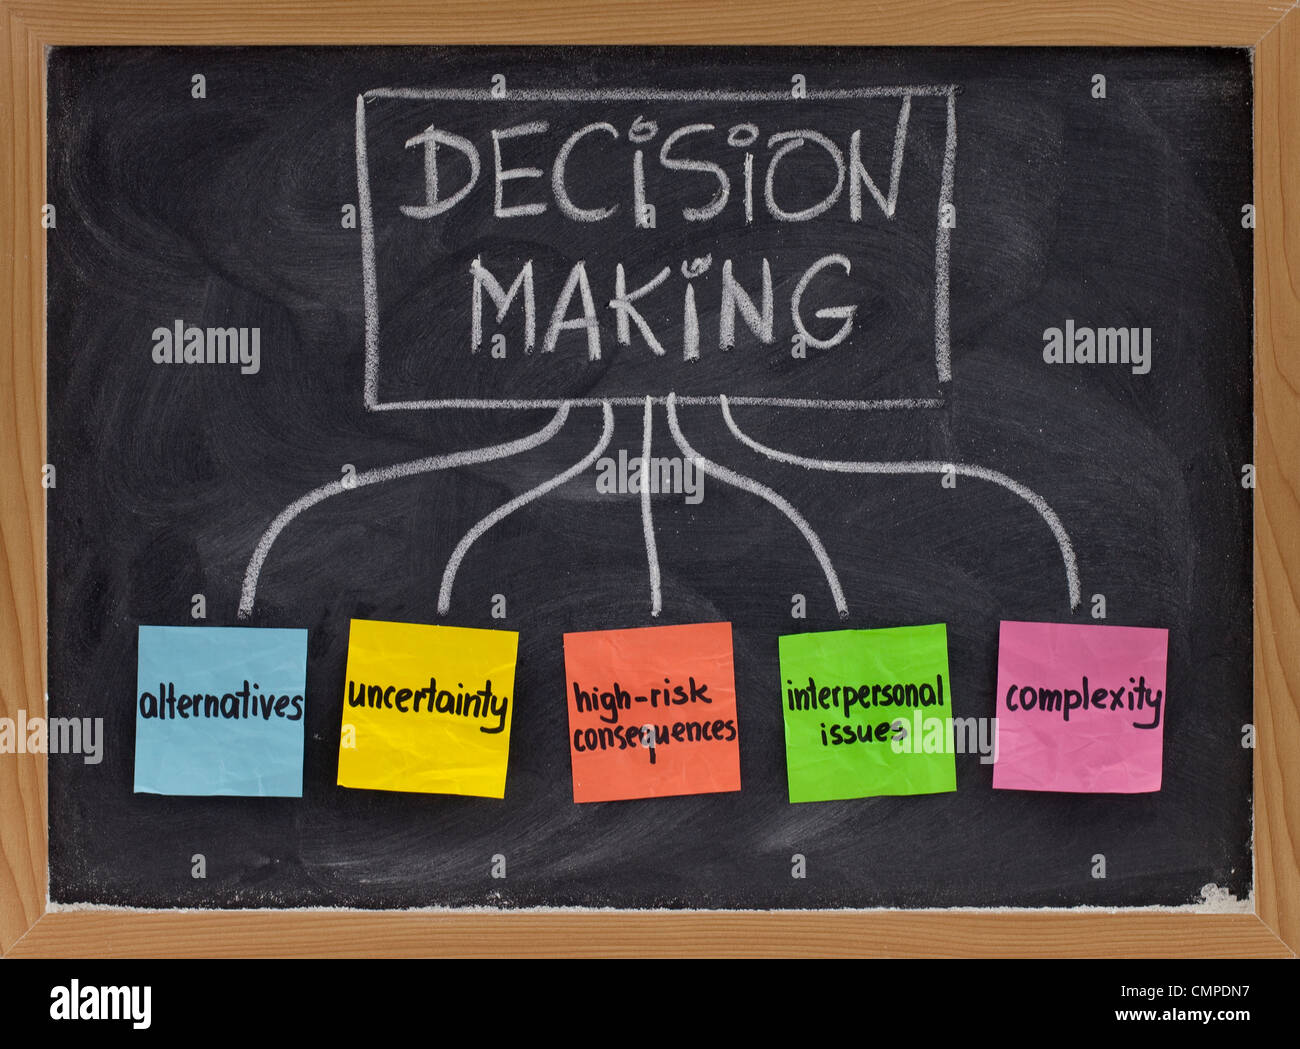 Argomenti correlati al processo decisionale - incertezza, alternative, conseguenze del rischio, complessità Immagini Stock